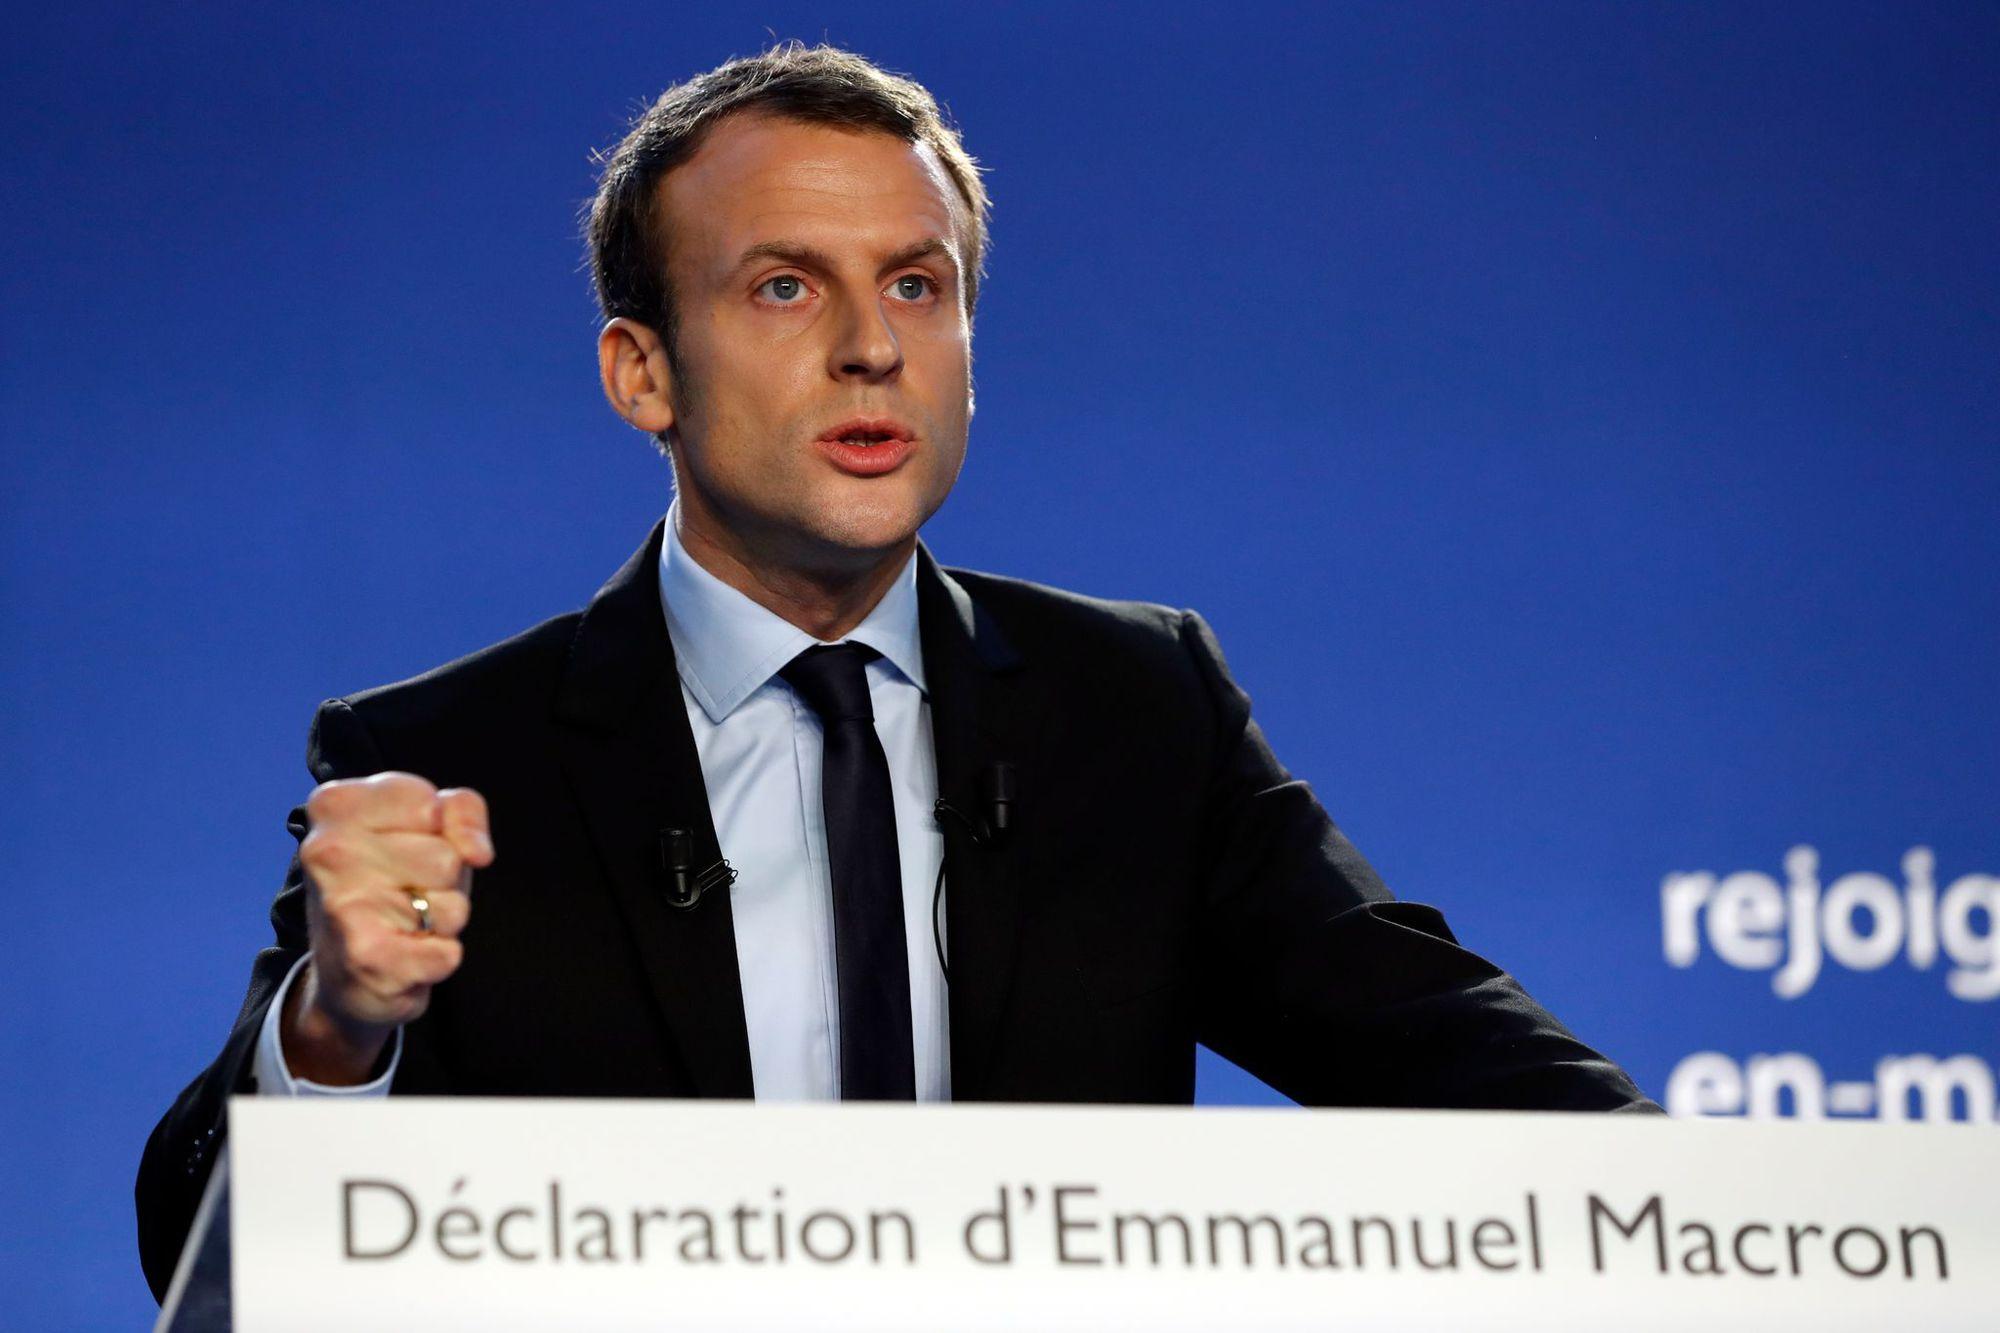 法语新闻:瓦尔斯辞职参选 法国政府改组